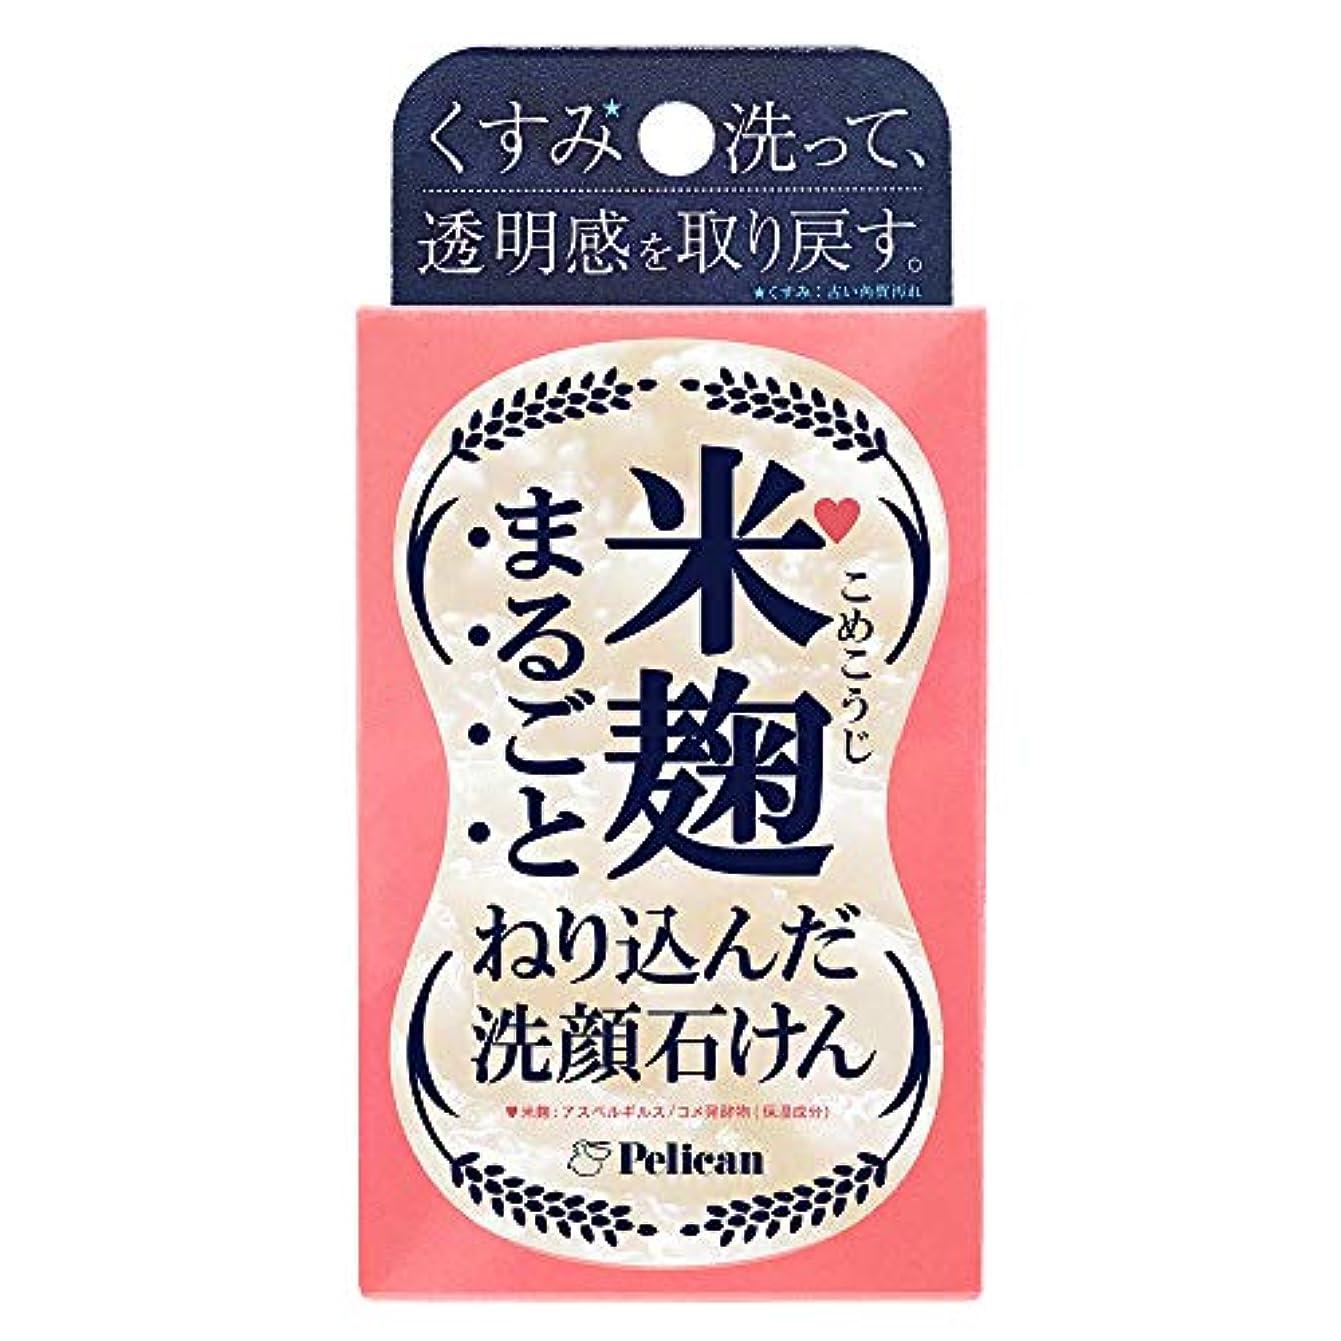 立証する同情的ダウンタウンペリカン石鹸 米麹まるごとねり込んだ洗顔石けん 75g